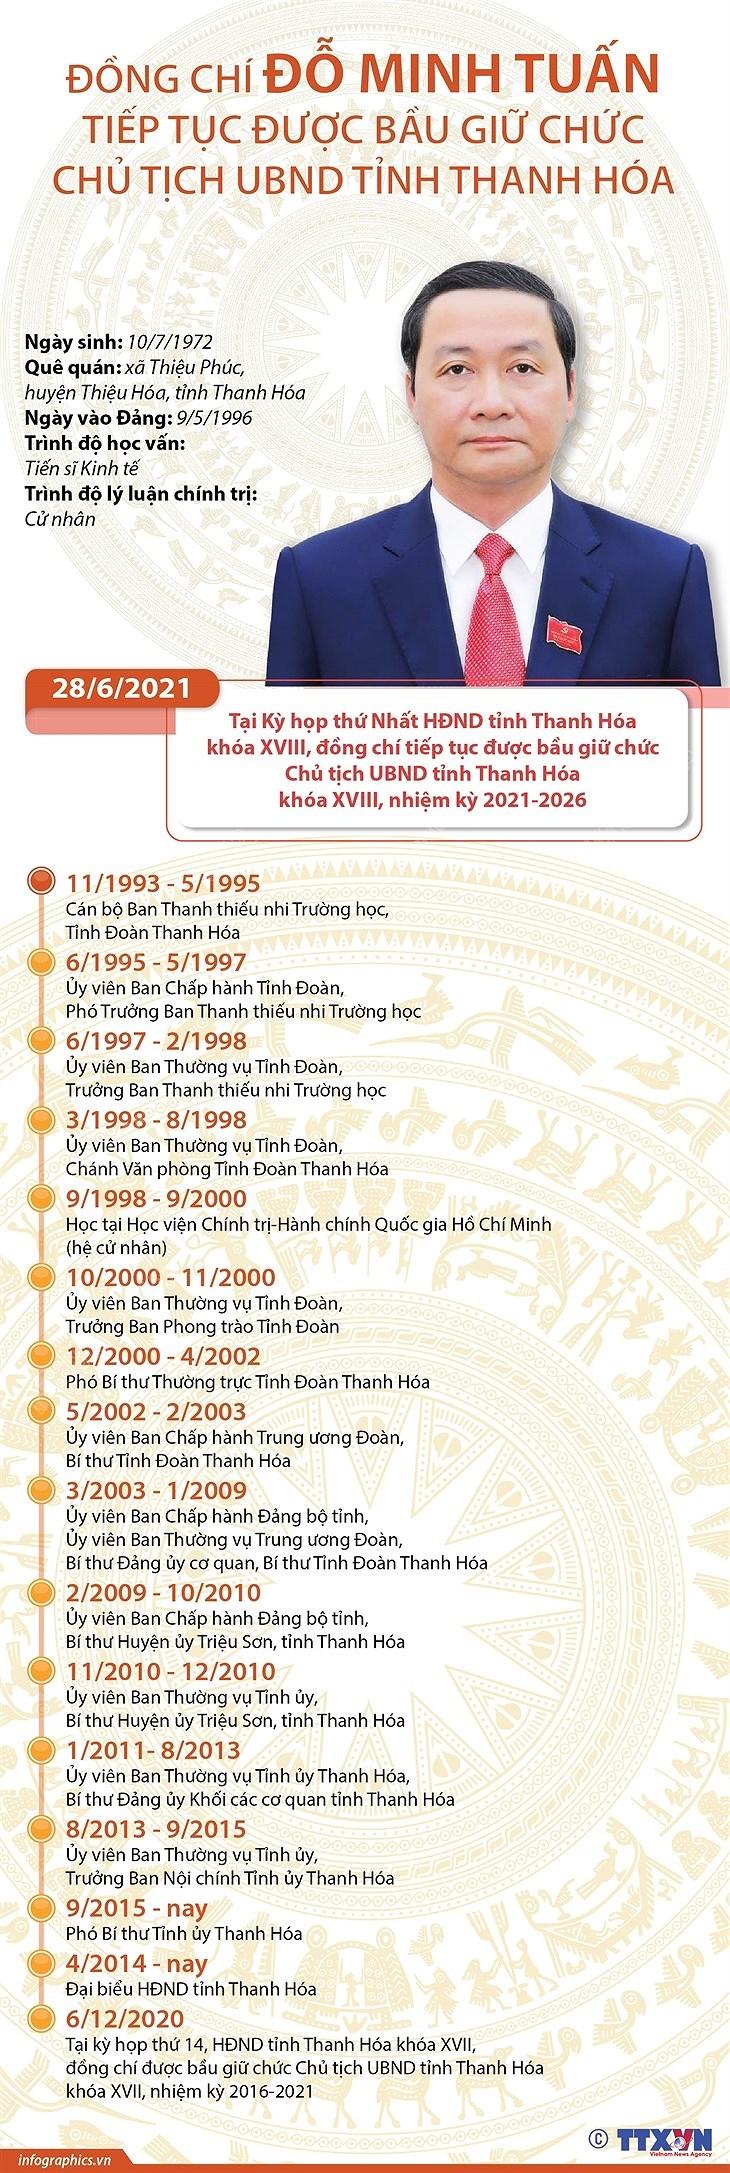 [Infographics] Ong Do Minh Tuan giu chuc Chu tich UBND tinh Thanh Hoa hinh anh 1